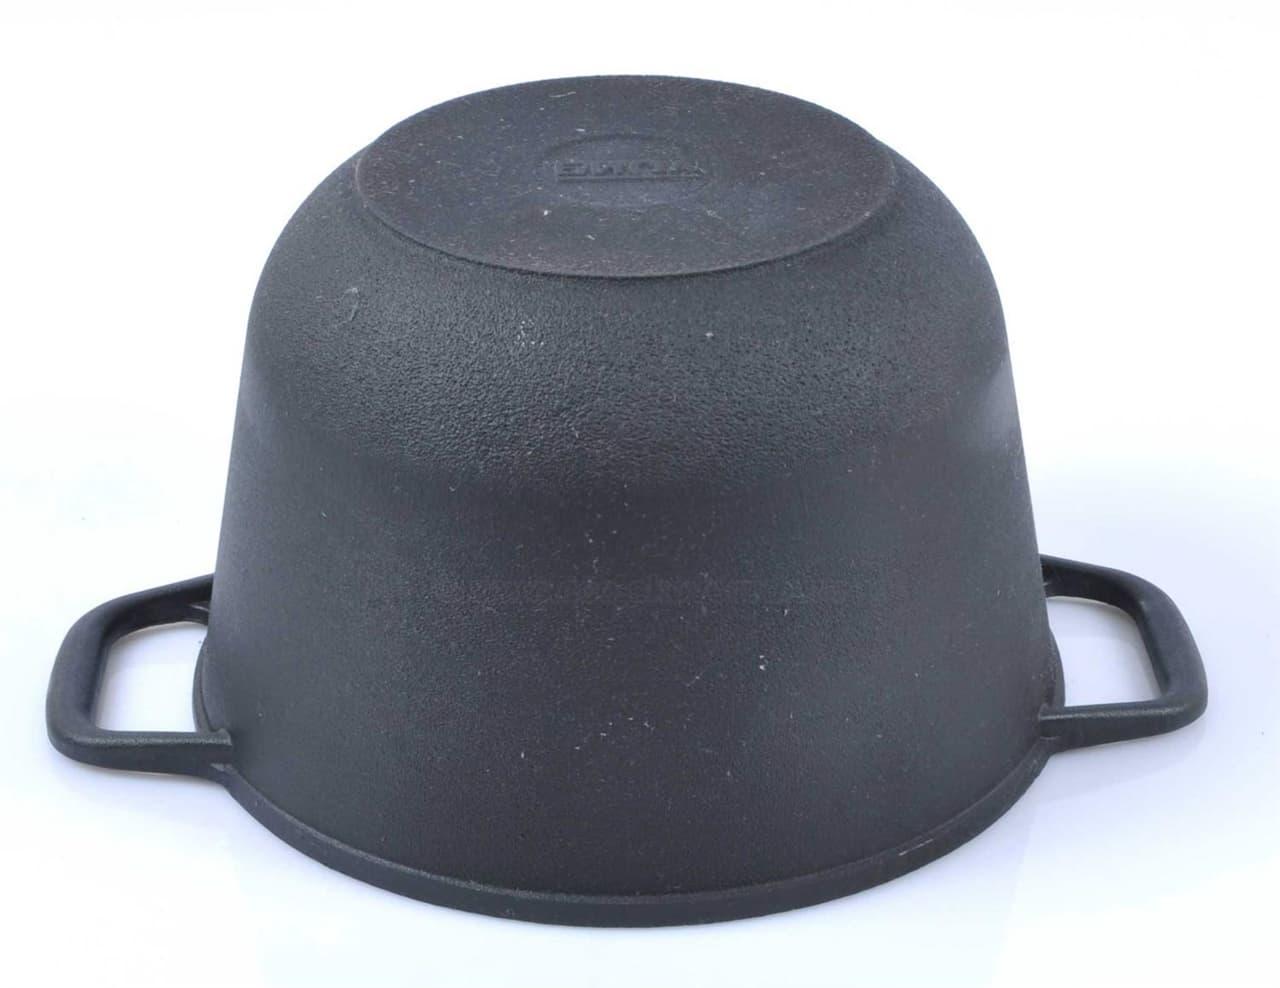 Кастрюля чугунная 4 л. с крышкой сковородой БИОЛ 0204 фото